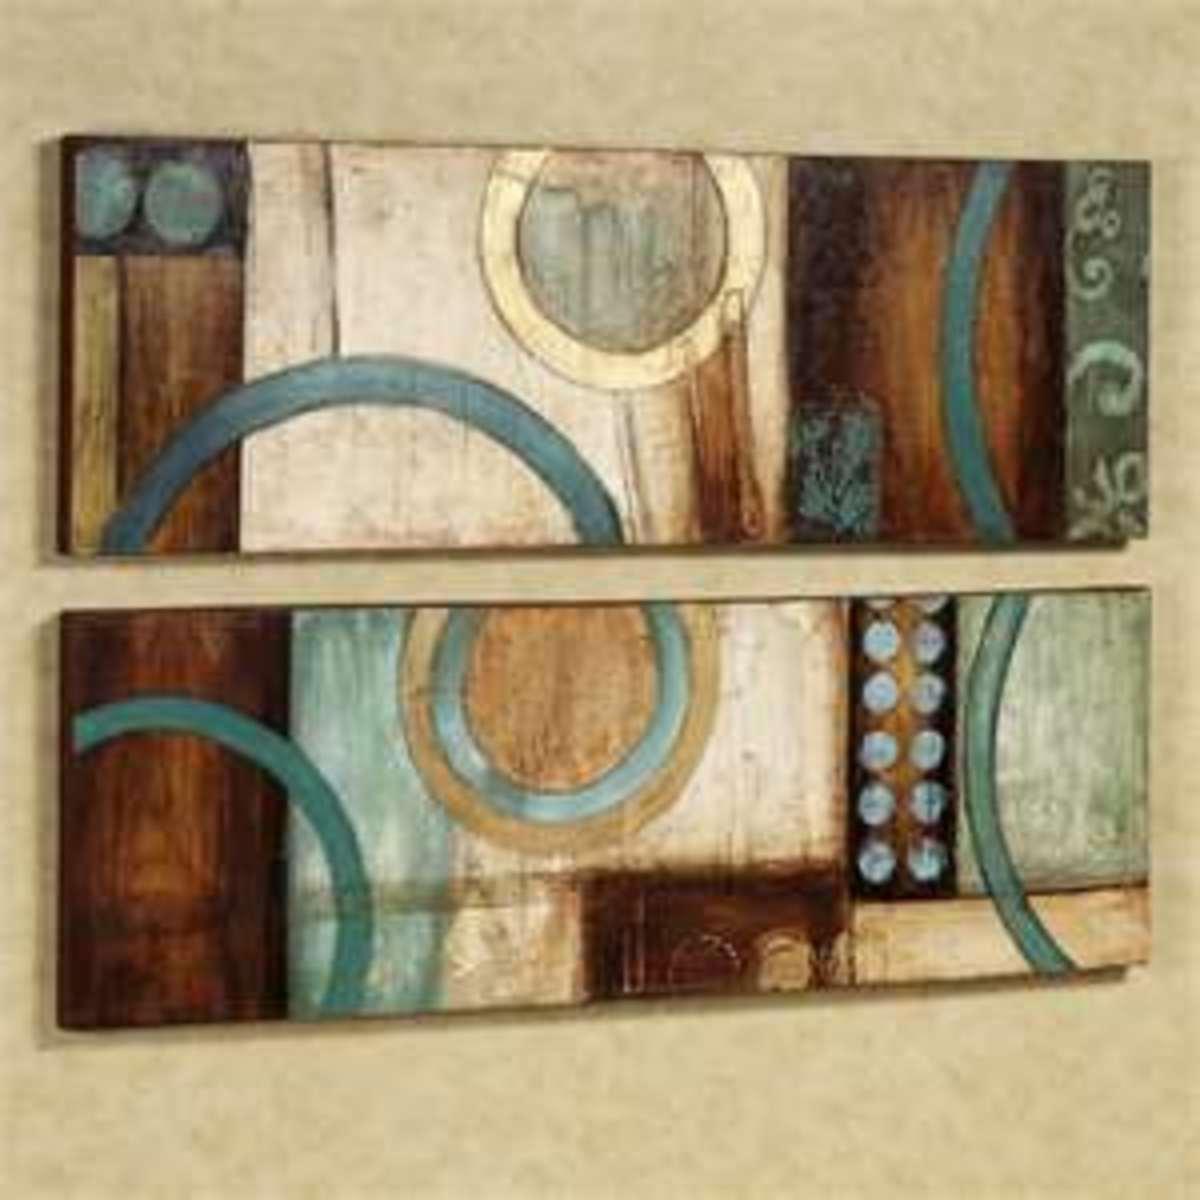 Image credit: http://www.touchofclass.com/lavare-canvas-art-set-aqua/p/T527-001/